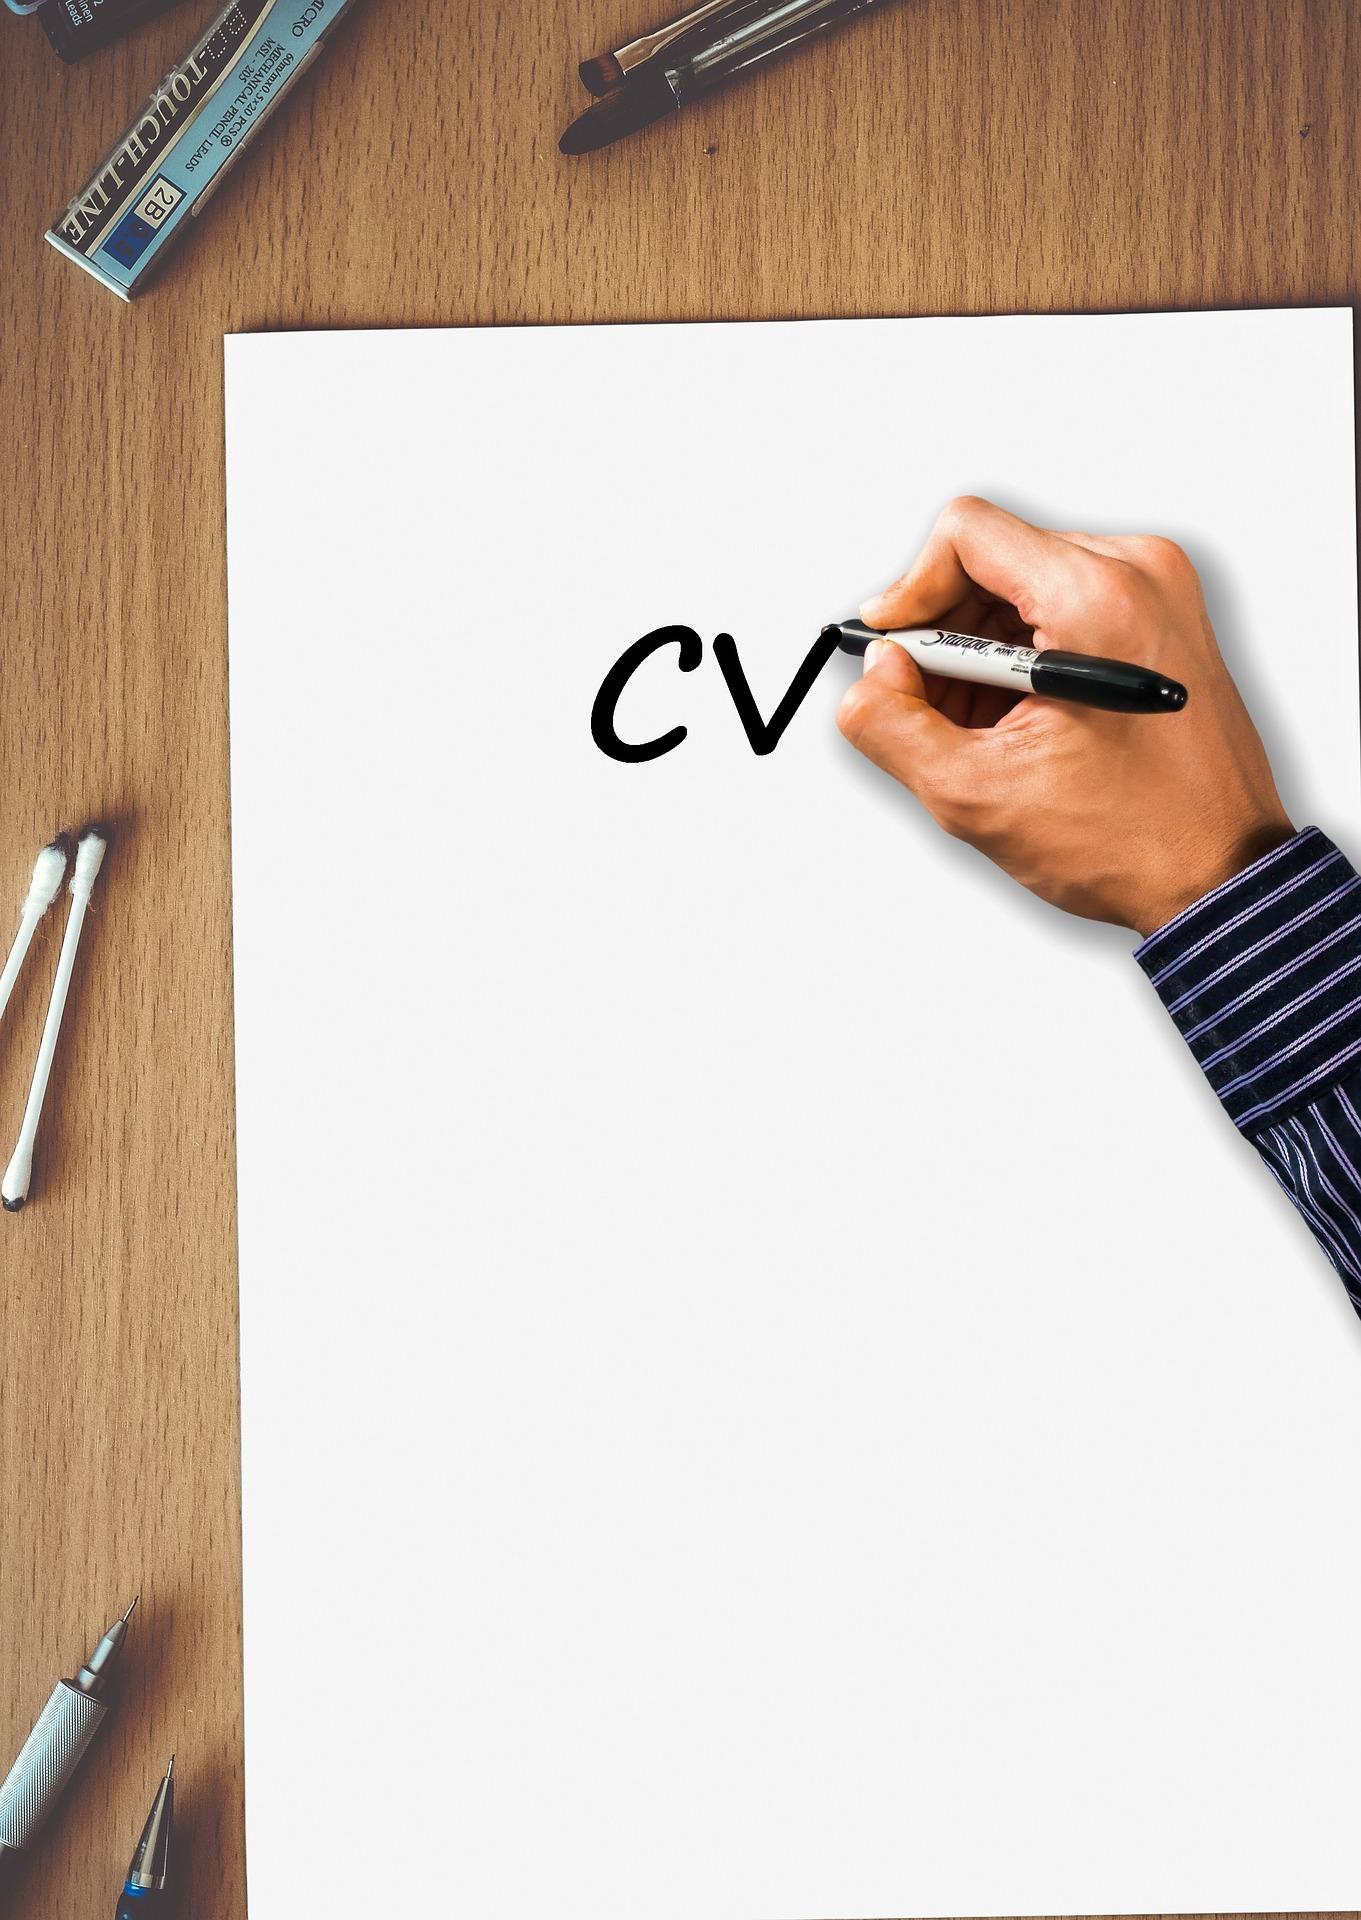 Vytvořte si životopis zdarma a on-line i s dodatkem k osvědčení o získání profesní kvalifikace